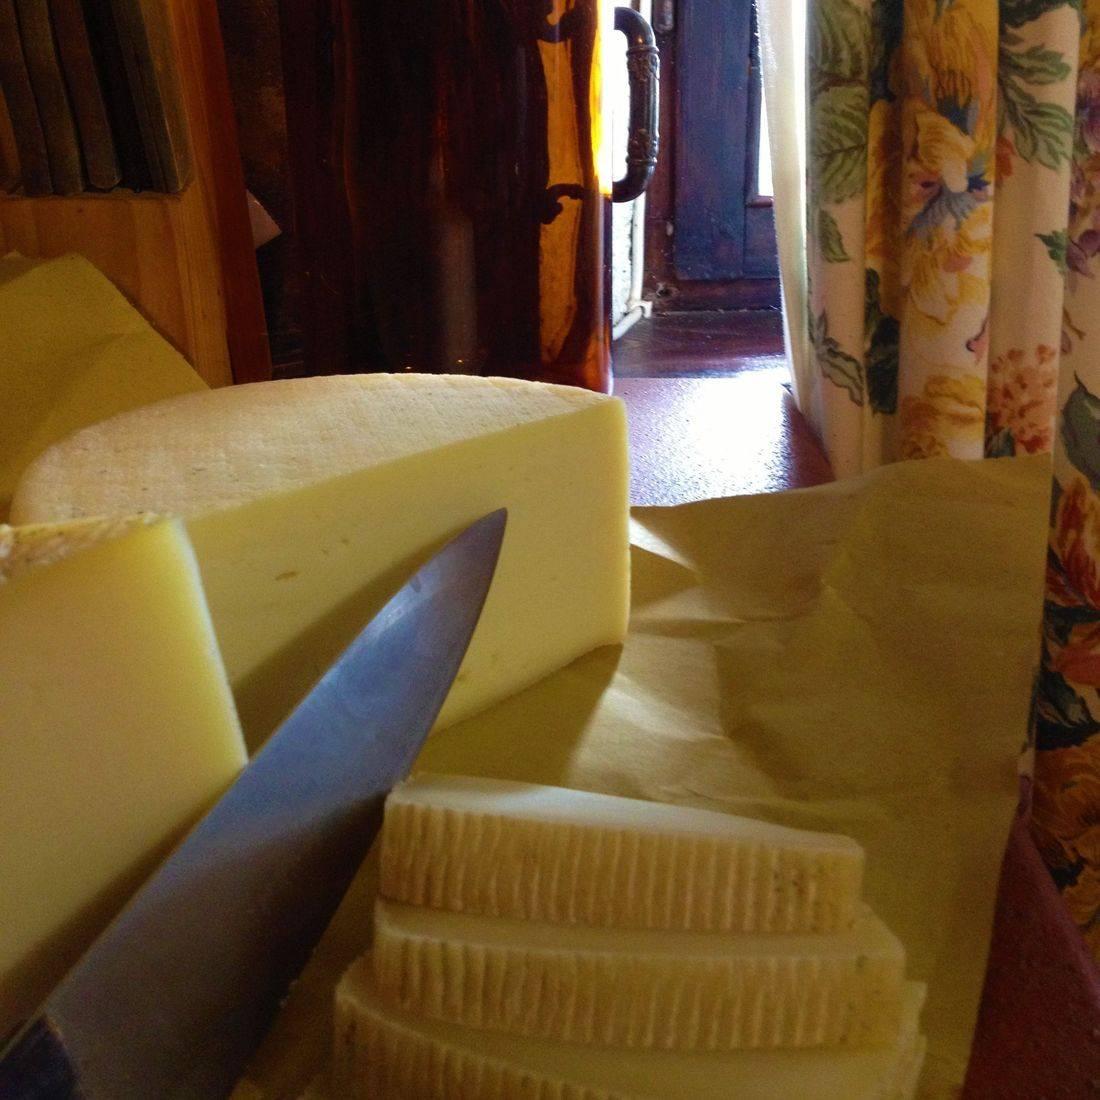 fresh pecorino cheese